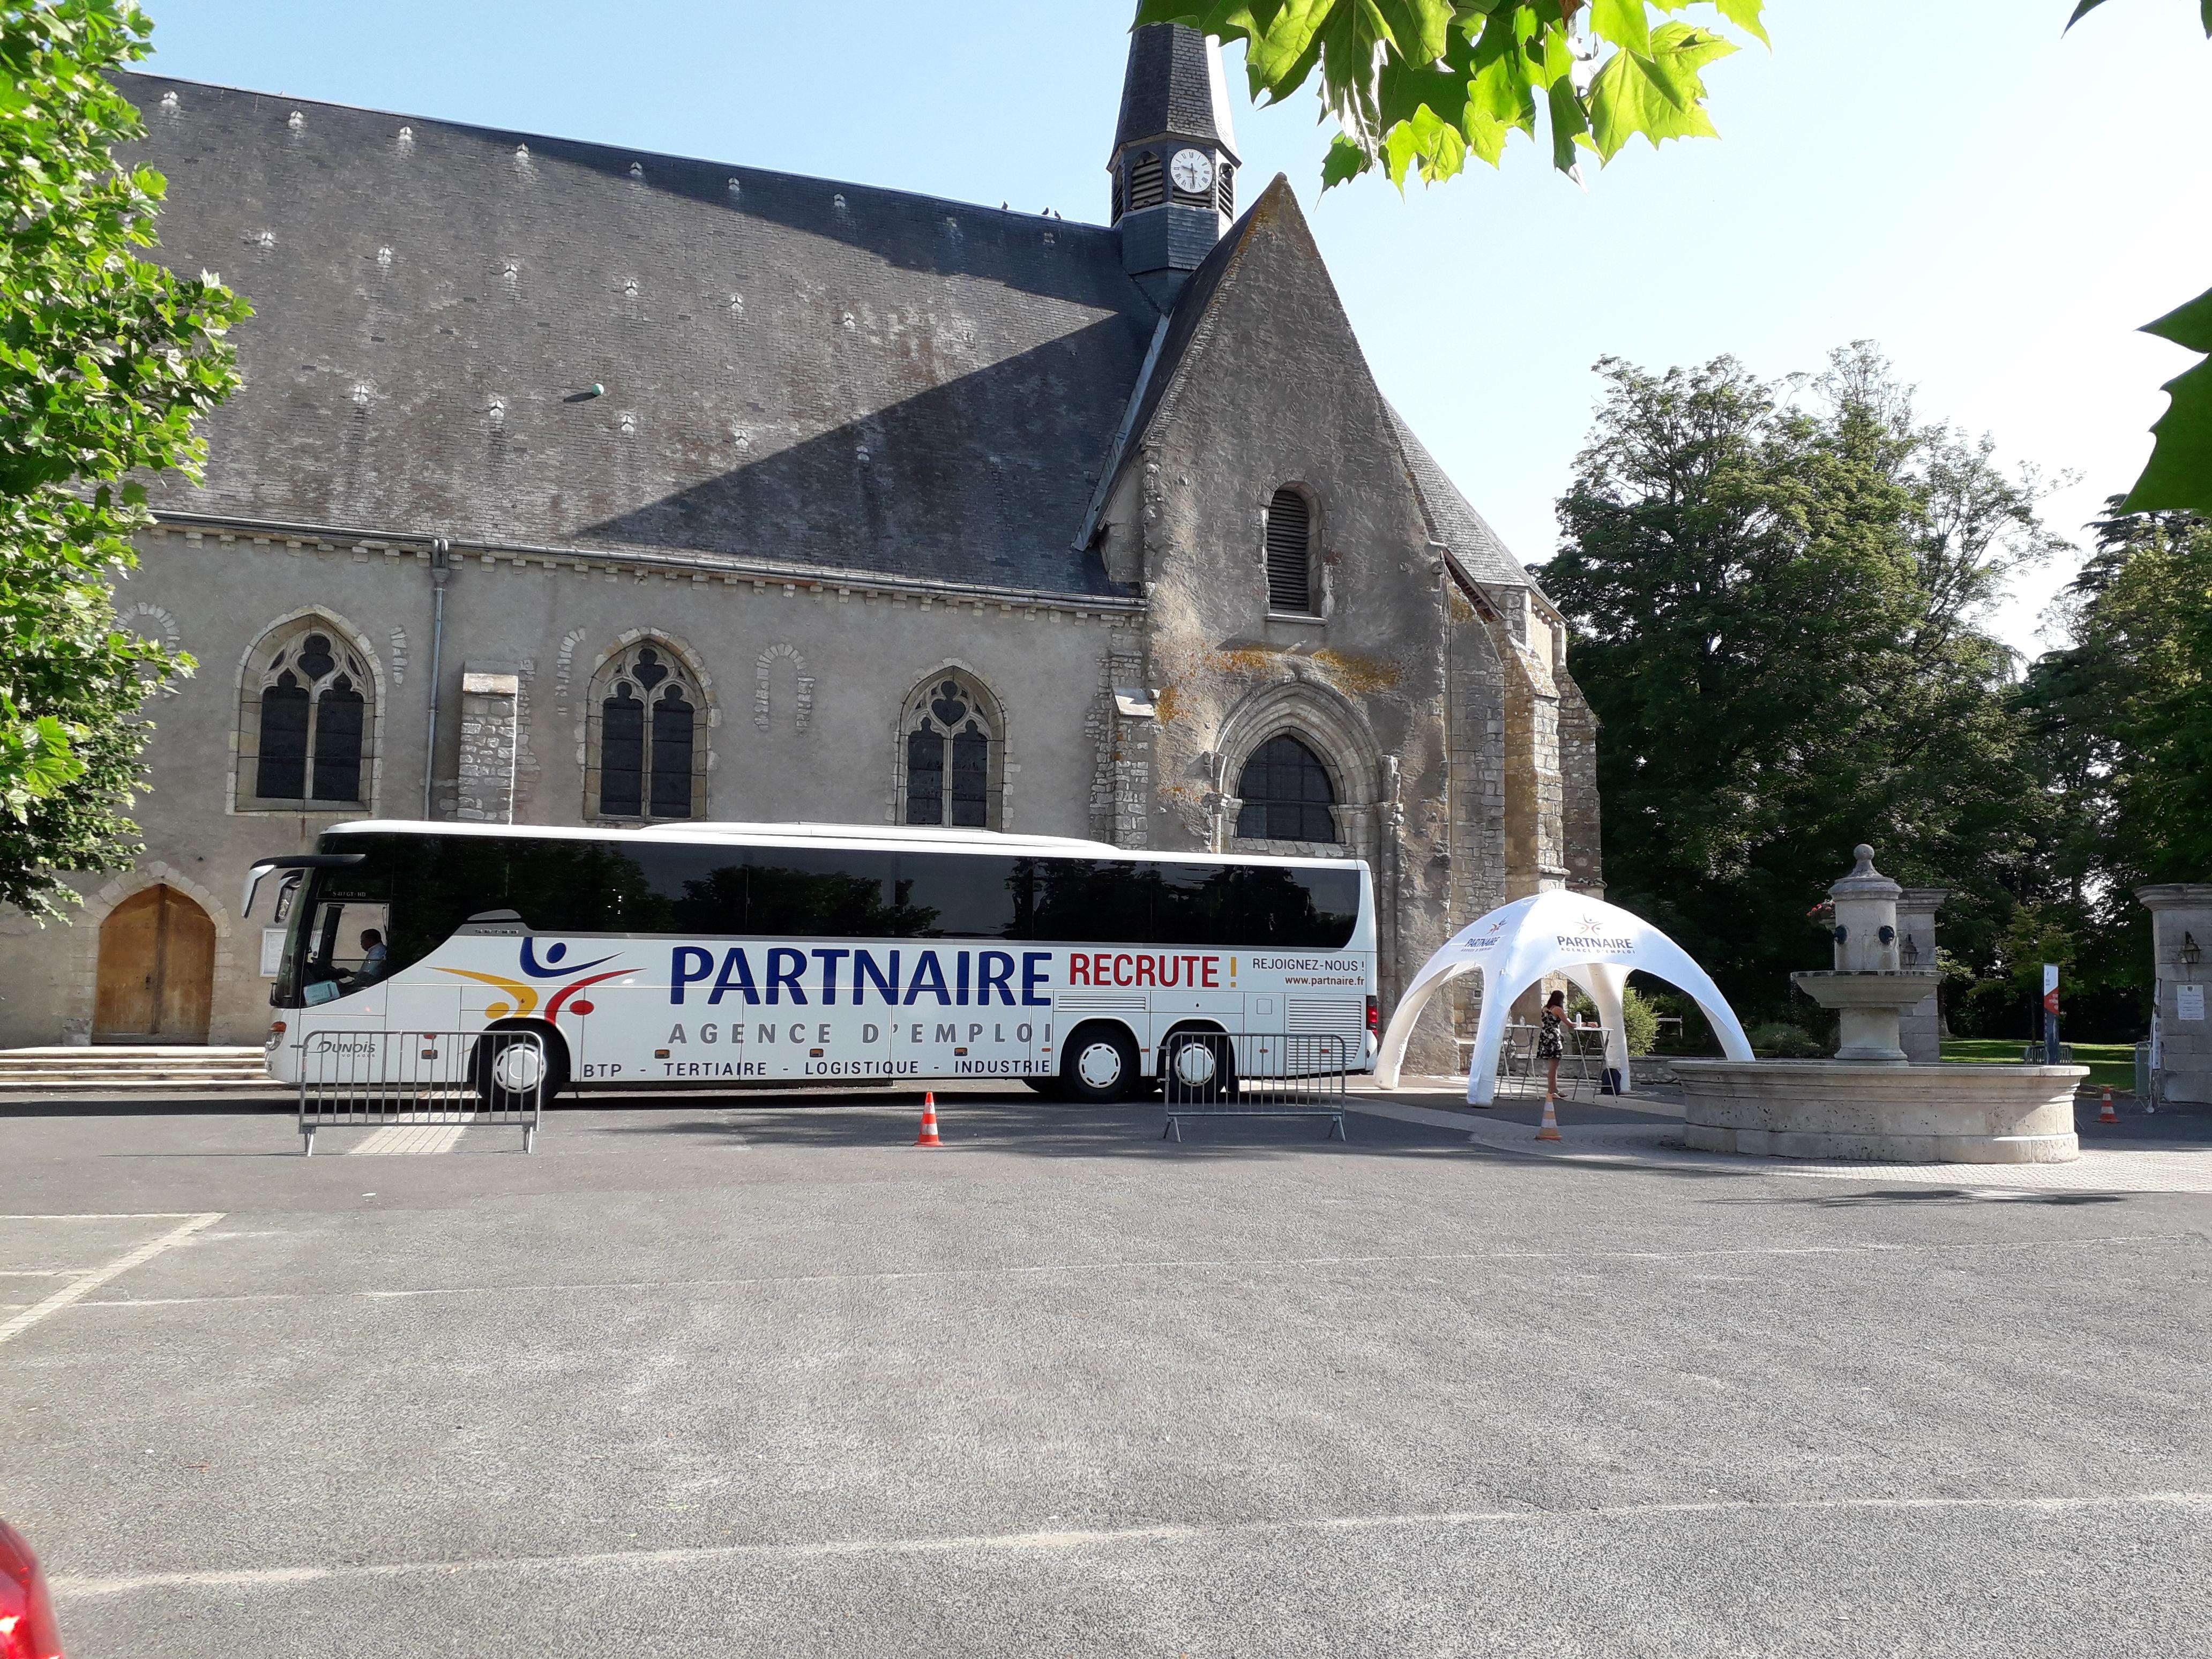 bus-emploi-partnaire